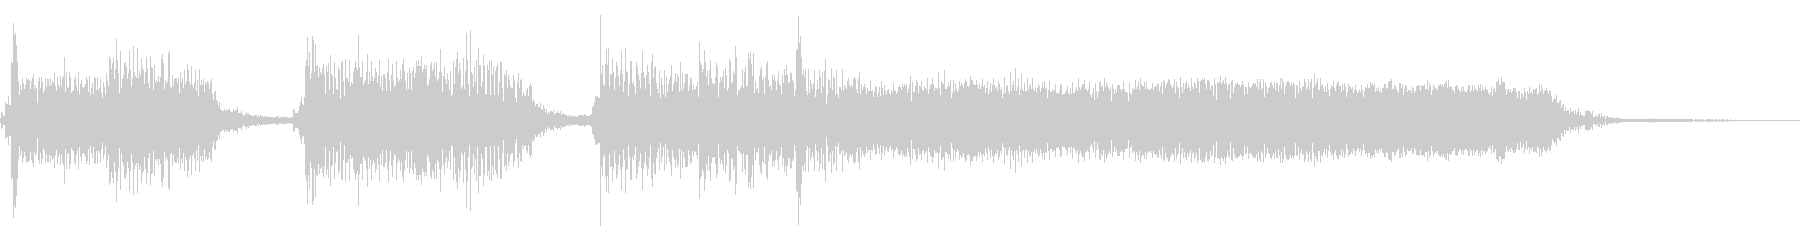 インパクトあるロックなジングル06の未再生の波形